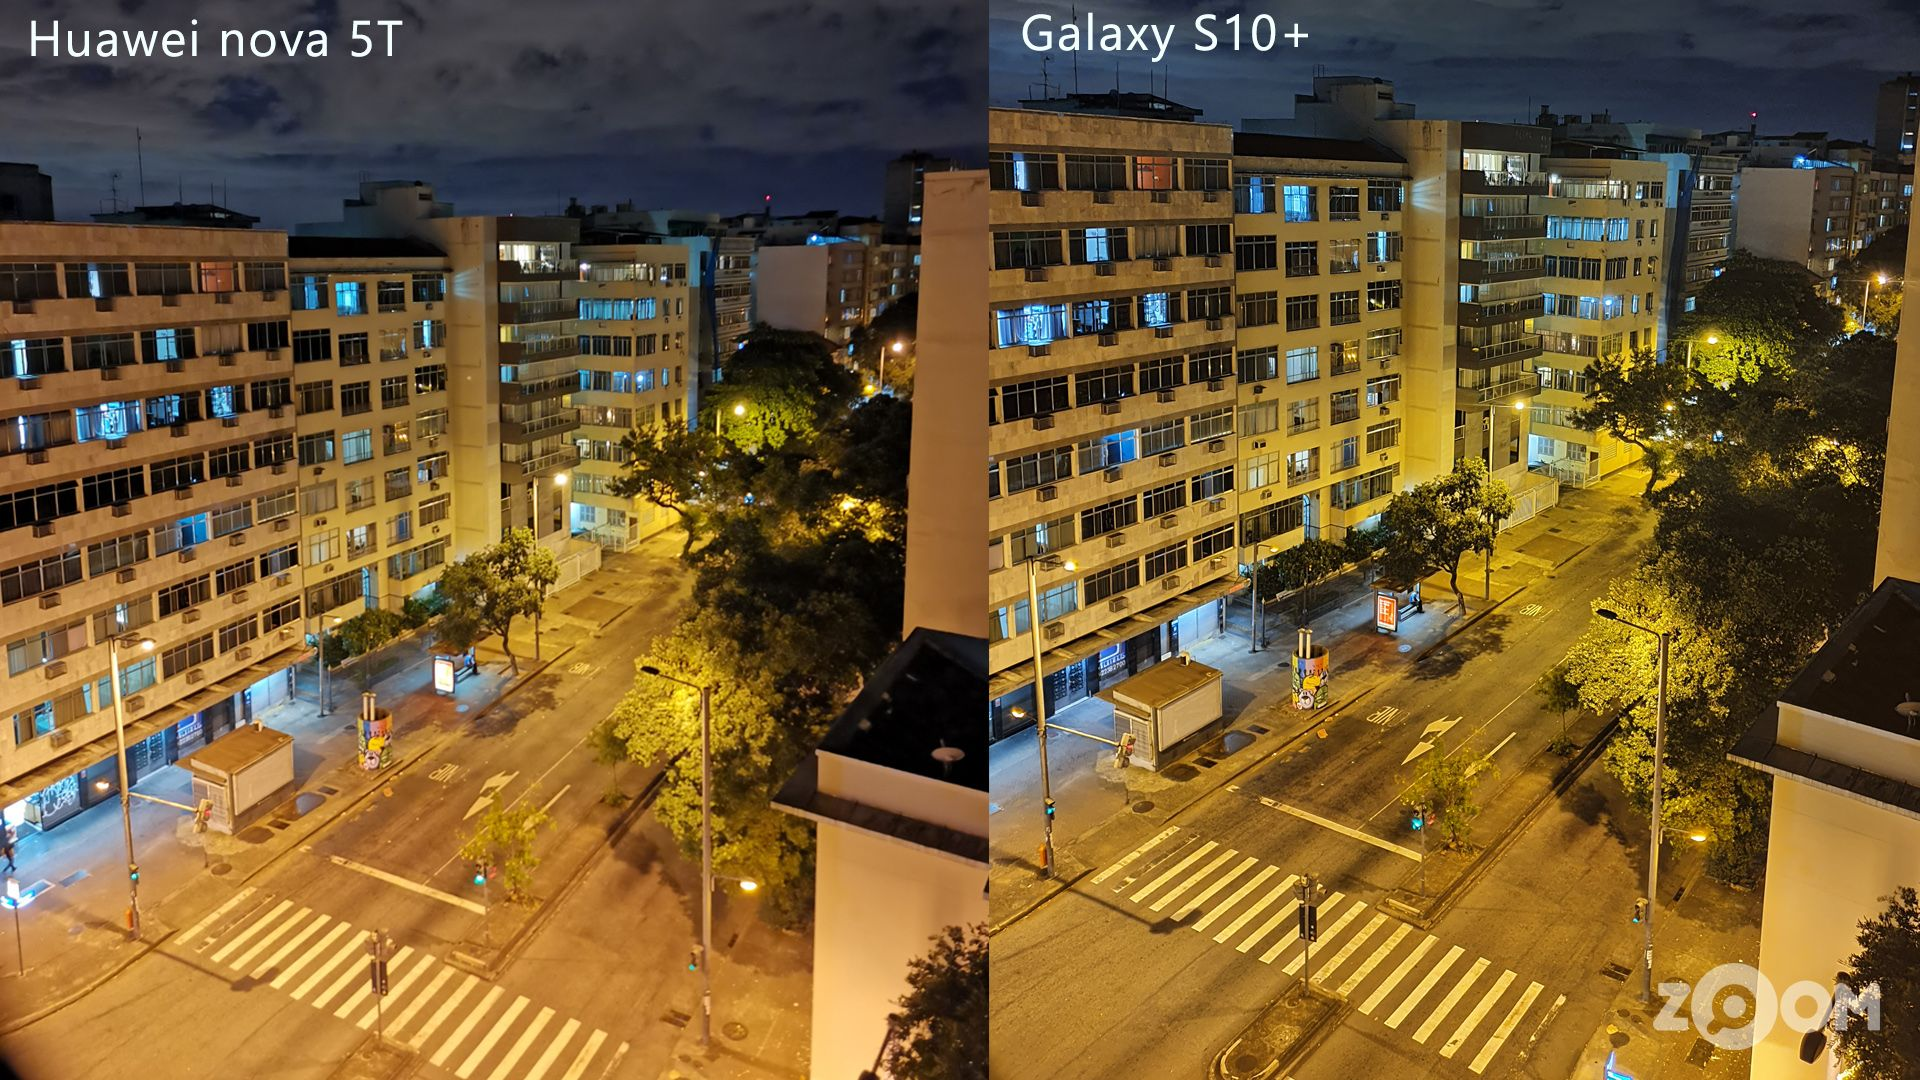 Modo Noturno: comparativo entre Huawei nova 5T e Galaxy S10+. (Imagem: Ana Marques/Zoom)